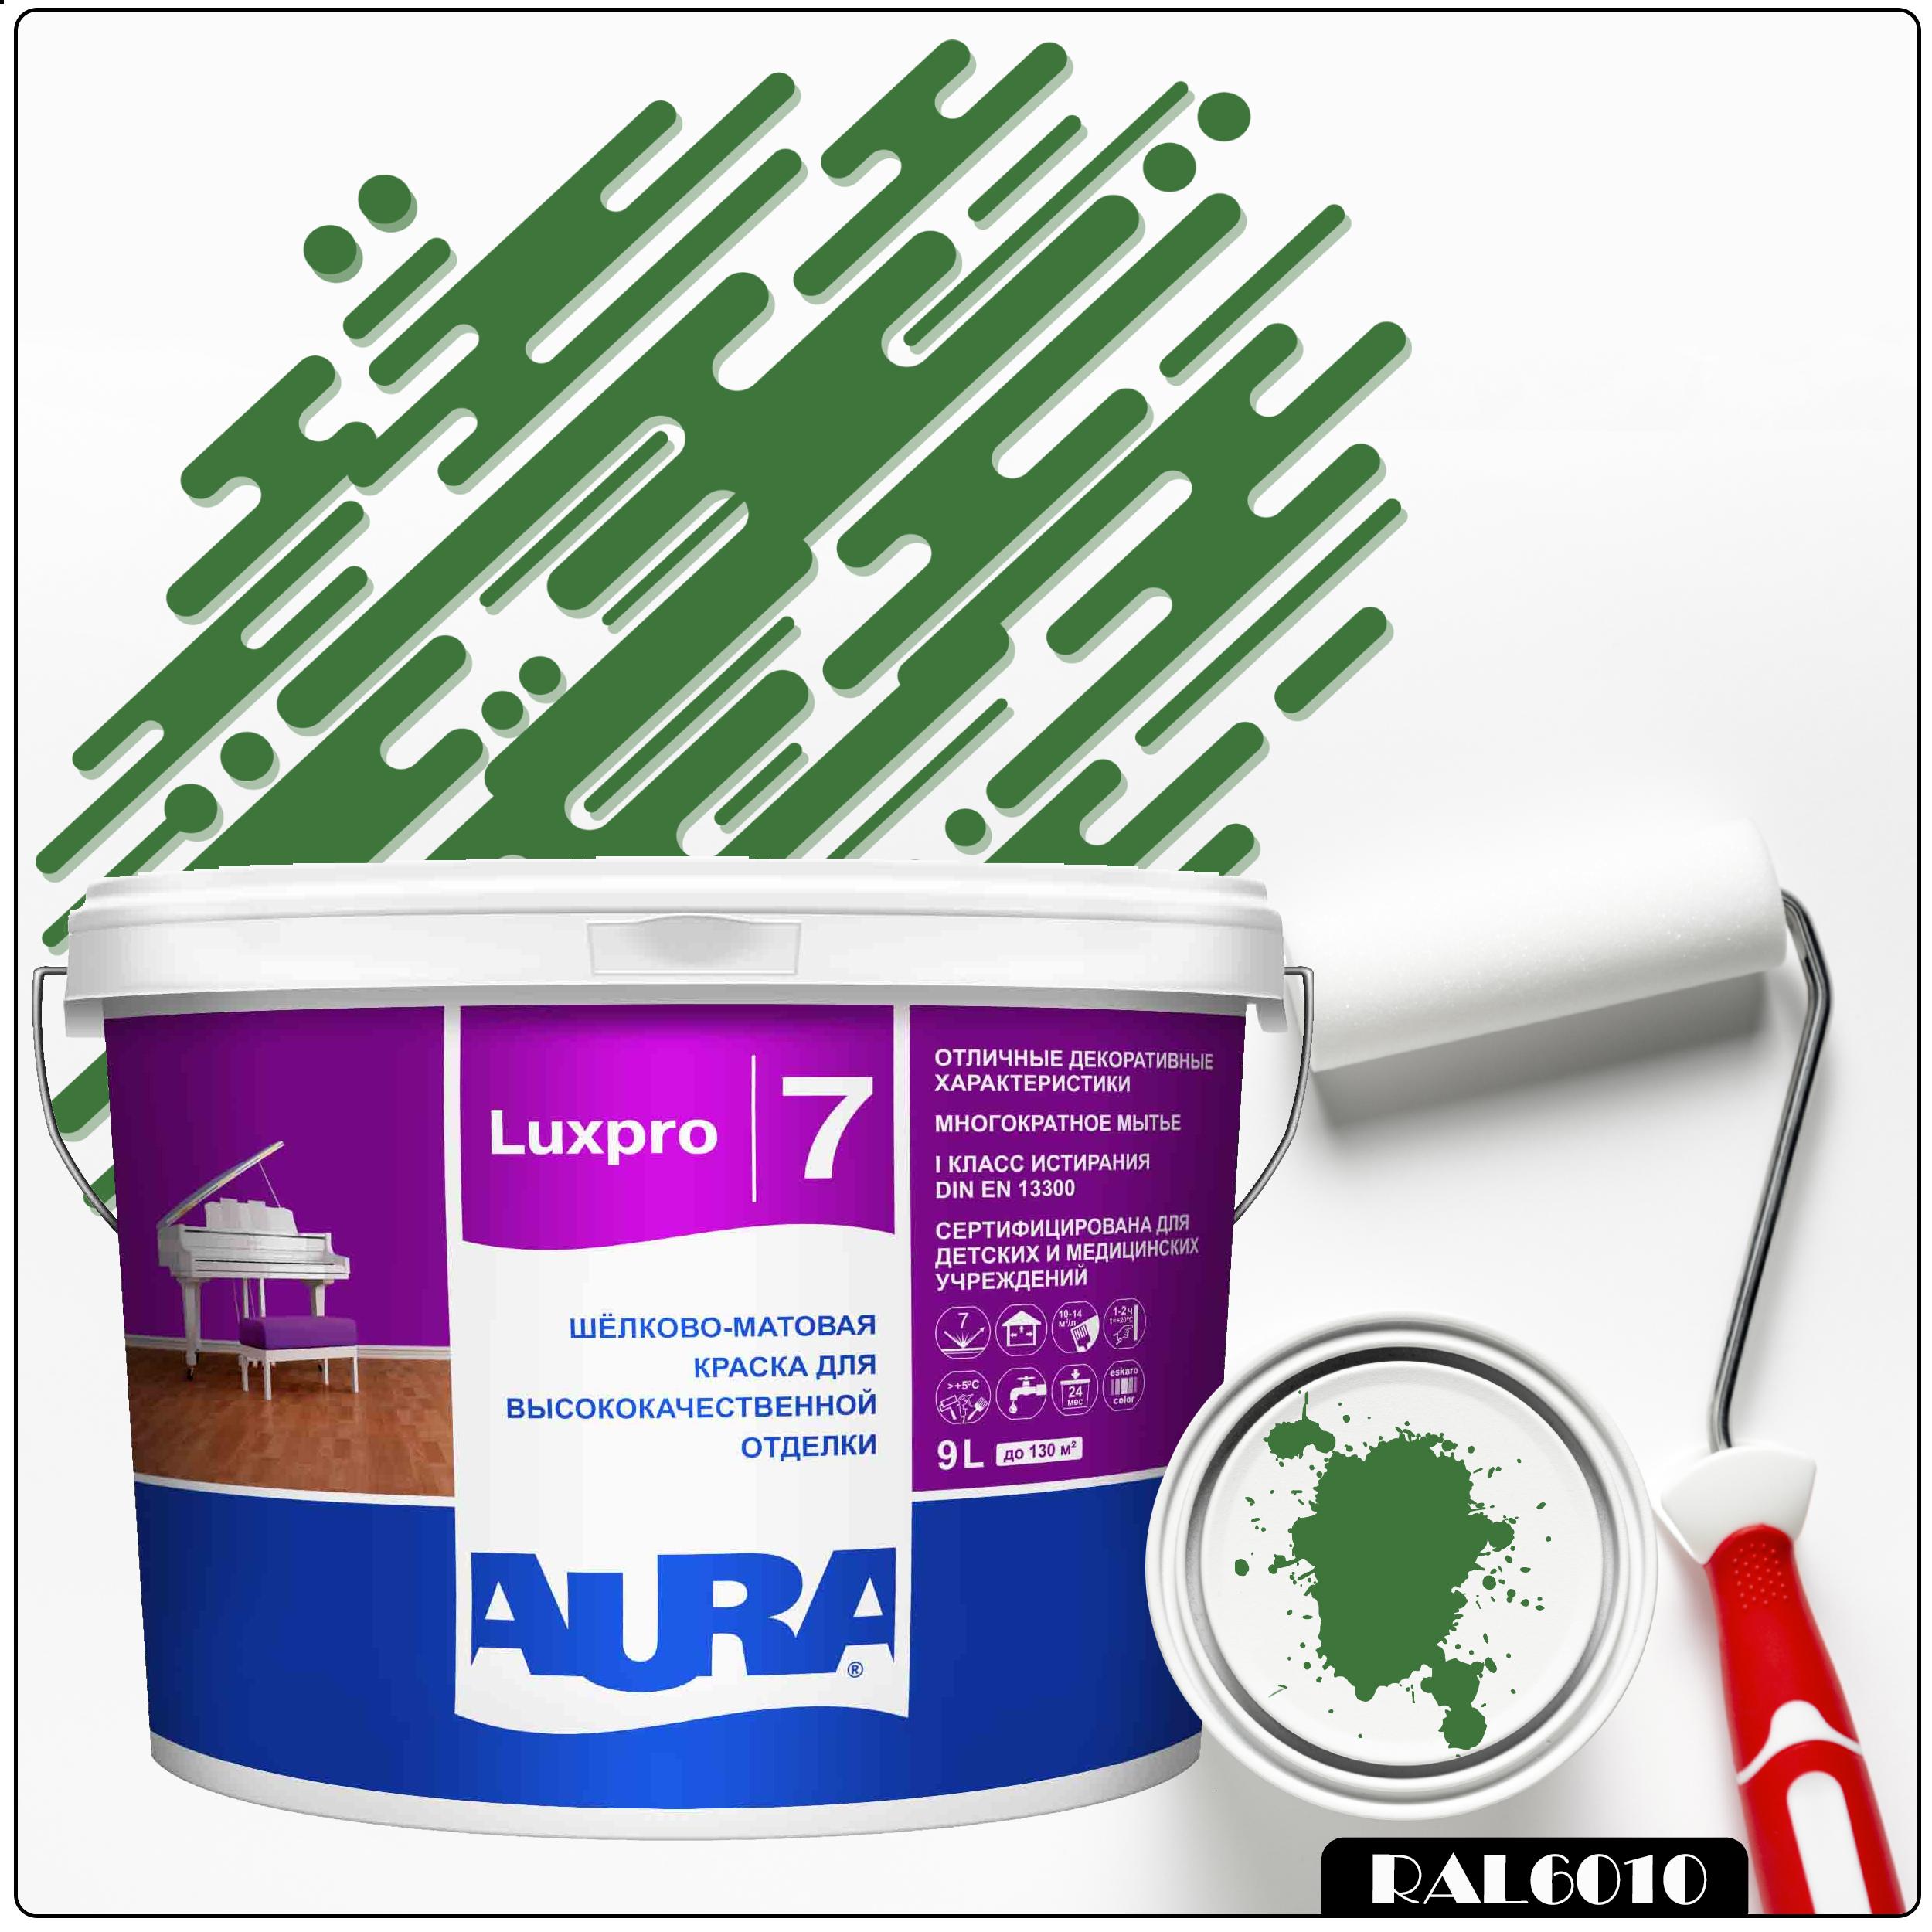 Фото 11 - Краска Aura LuxPRO 7, RAL 6010 Зеленая трава, латексная, шелково-матовая, интерьерная, 9л, Аура.